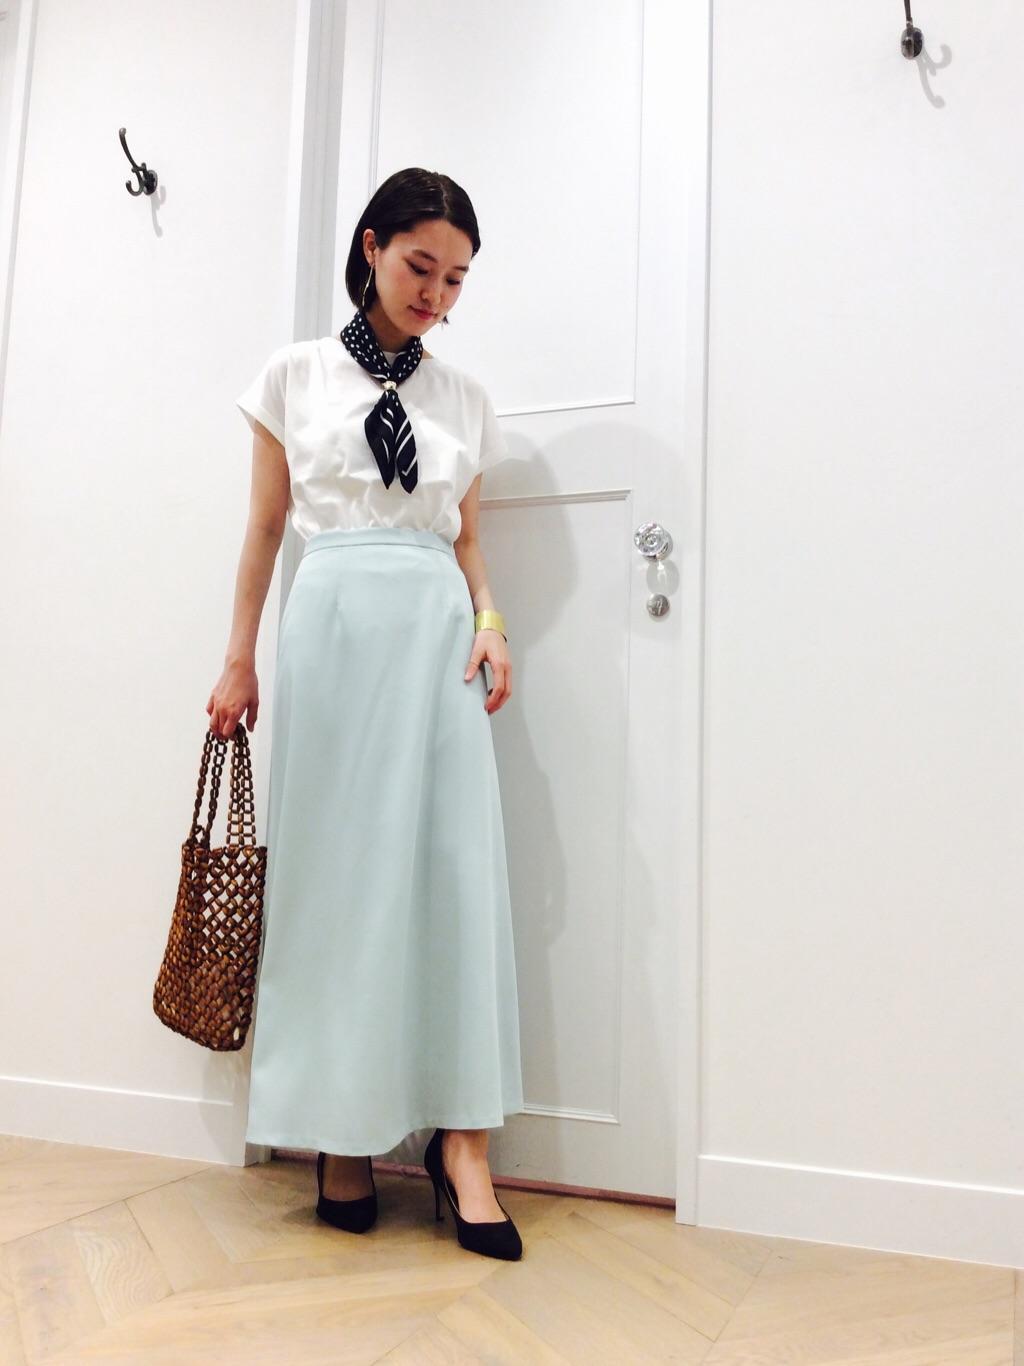 ミントグリーンのサテンスカートにTシャツを合わせカジュアルスタイル◎  爽やかな色味で春にぴったりです〜